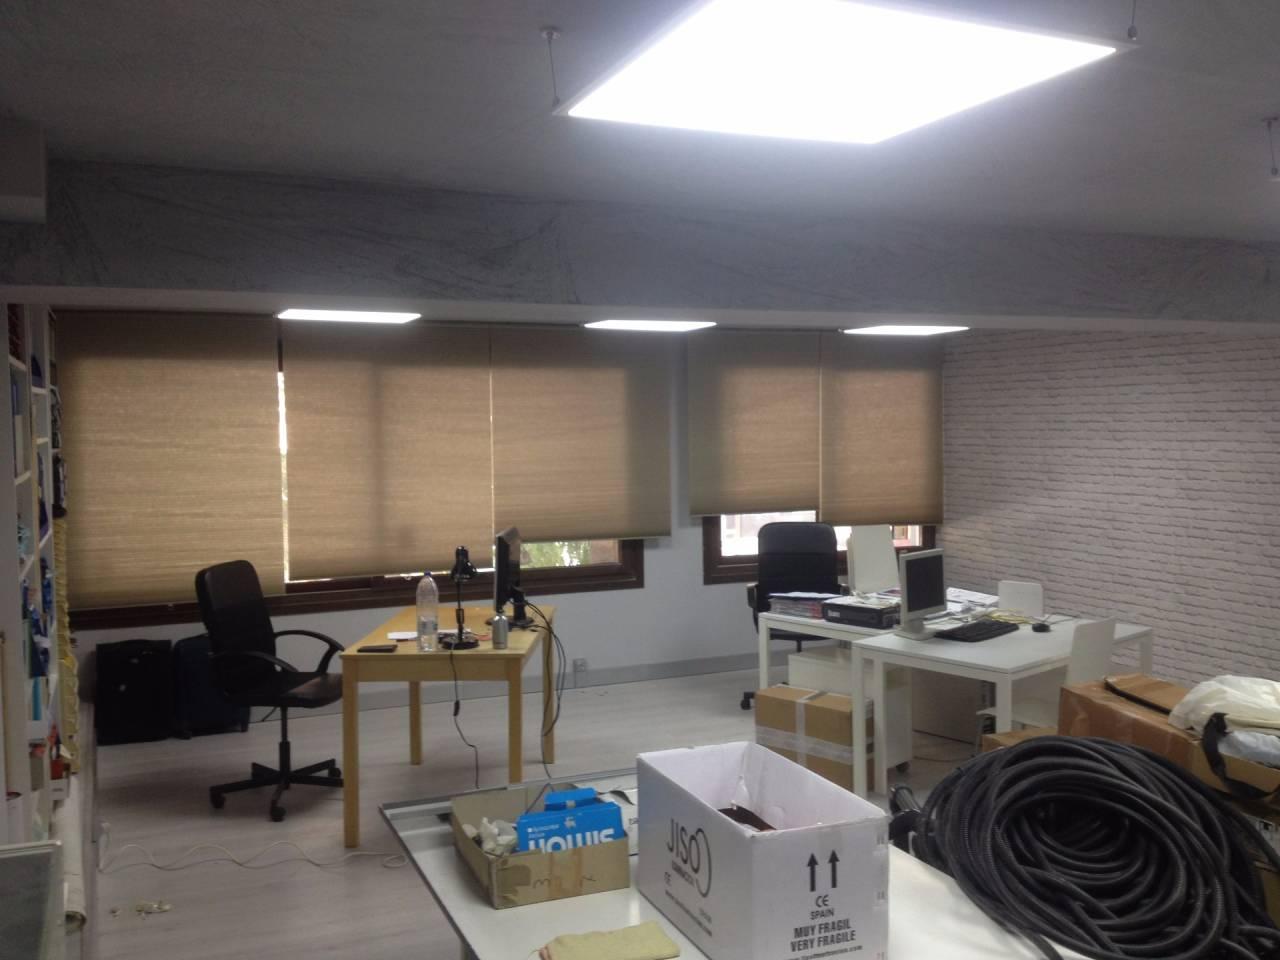 Oficinas en zaragoza zona oliver valdefierro for Oficinas de seur en zaragoza